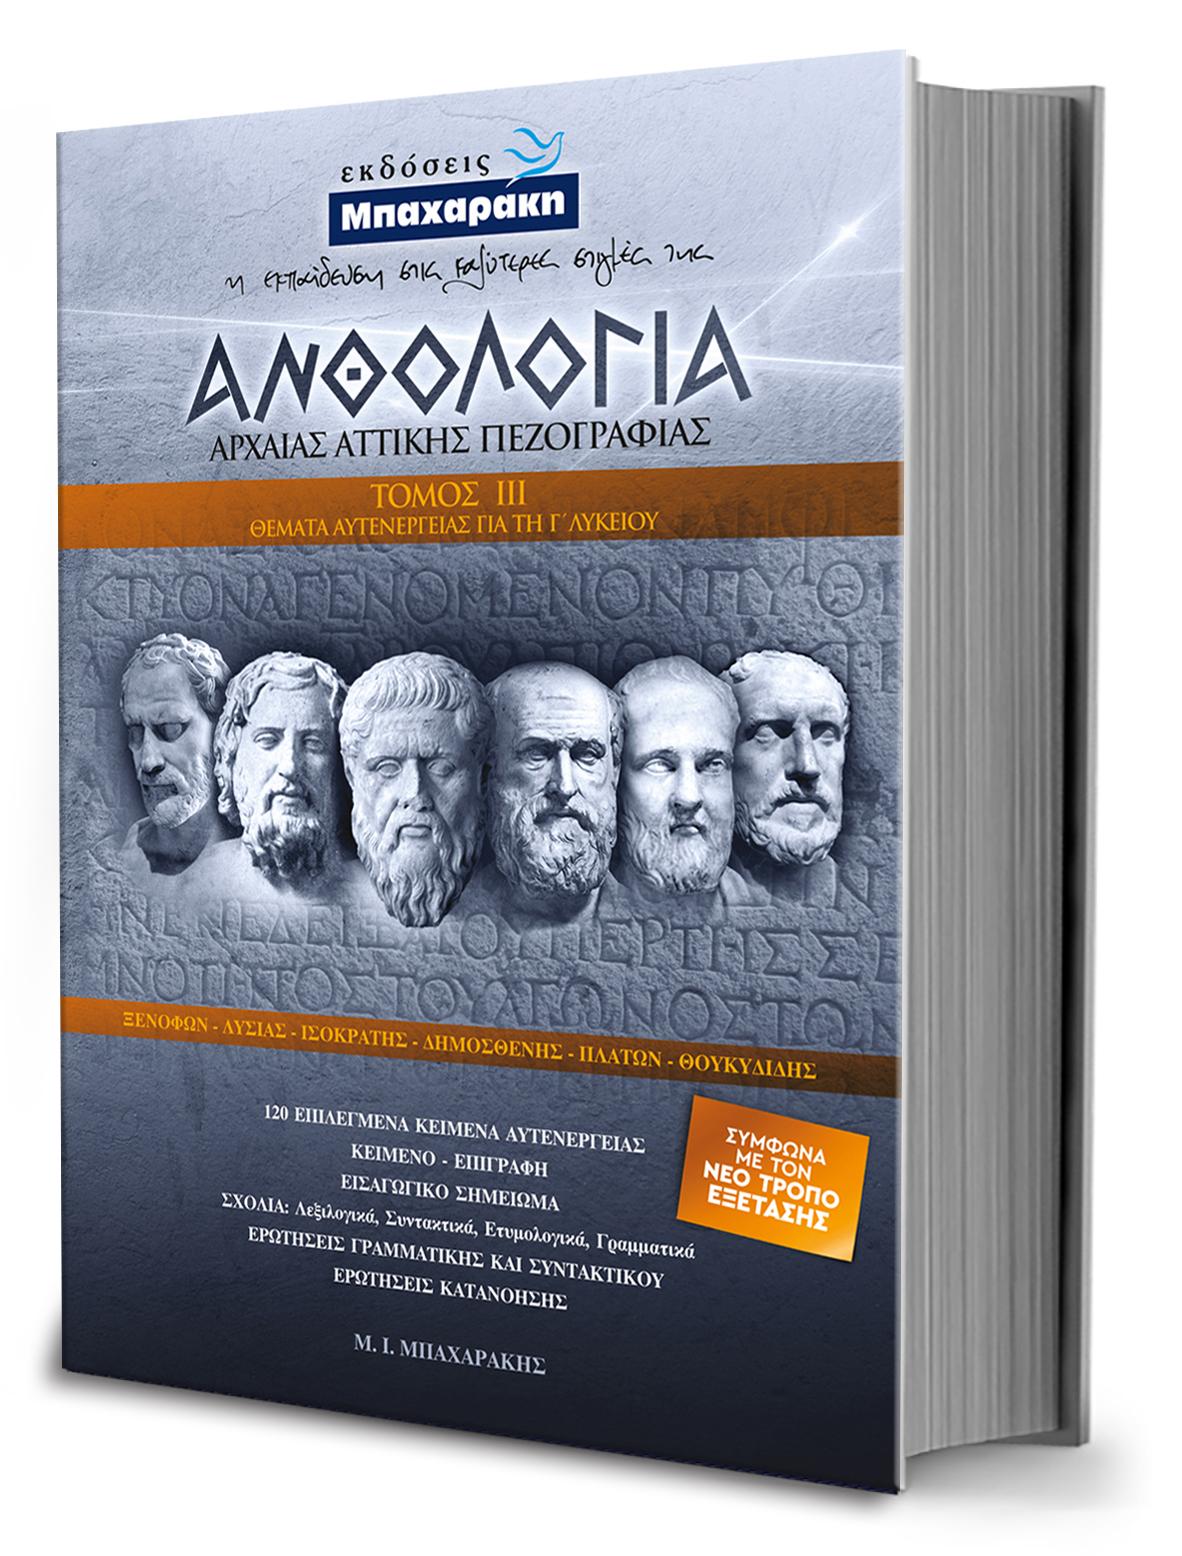 Εκδόσεις Μπαχαράκη: Βίβλίο με τίτλο: ΑΝΘΟΛΟΓΙΑ Αρχαία Αττικής Πεζογραφίας Θέματα Αυτενέργειας 3ος τόμος